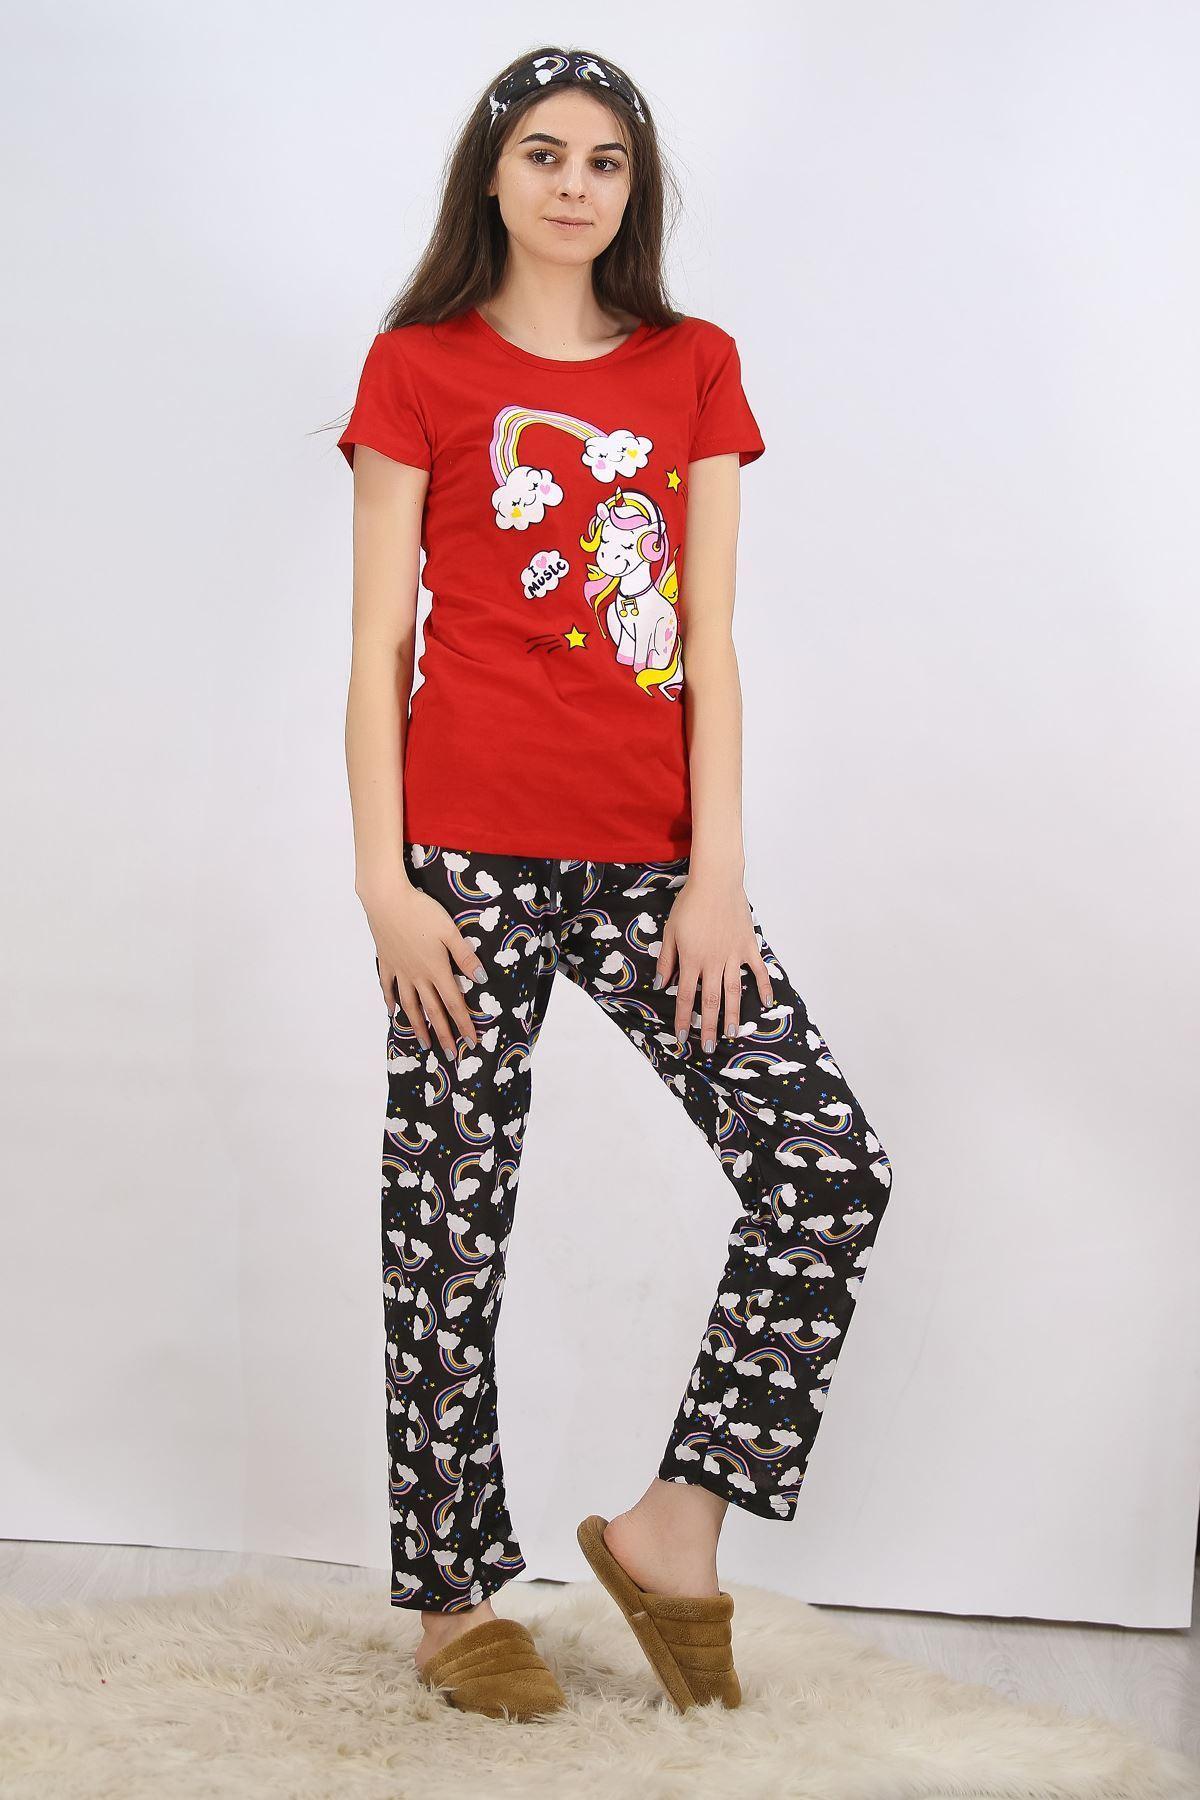 Baskılı Pijama Takımı Kırmızı - 4704.102.